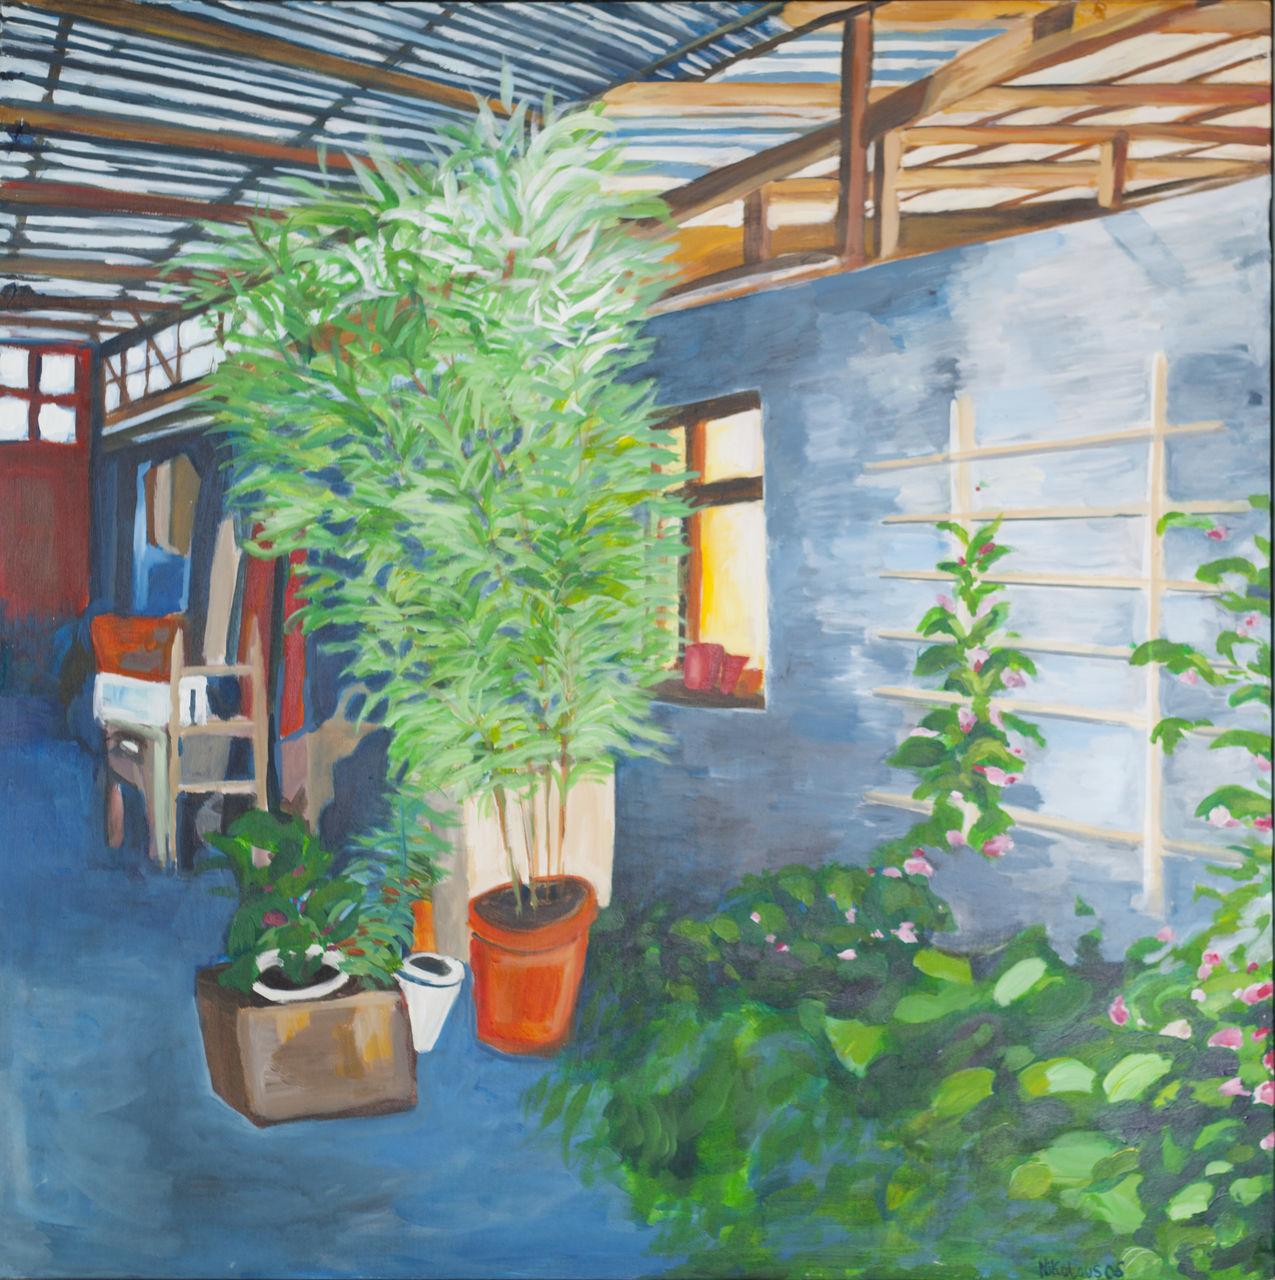 bild lmalerei malerei bild malen lassen acrylmalerei. Black Bedroom Furniture Sets. Home Design Ideas